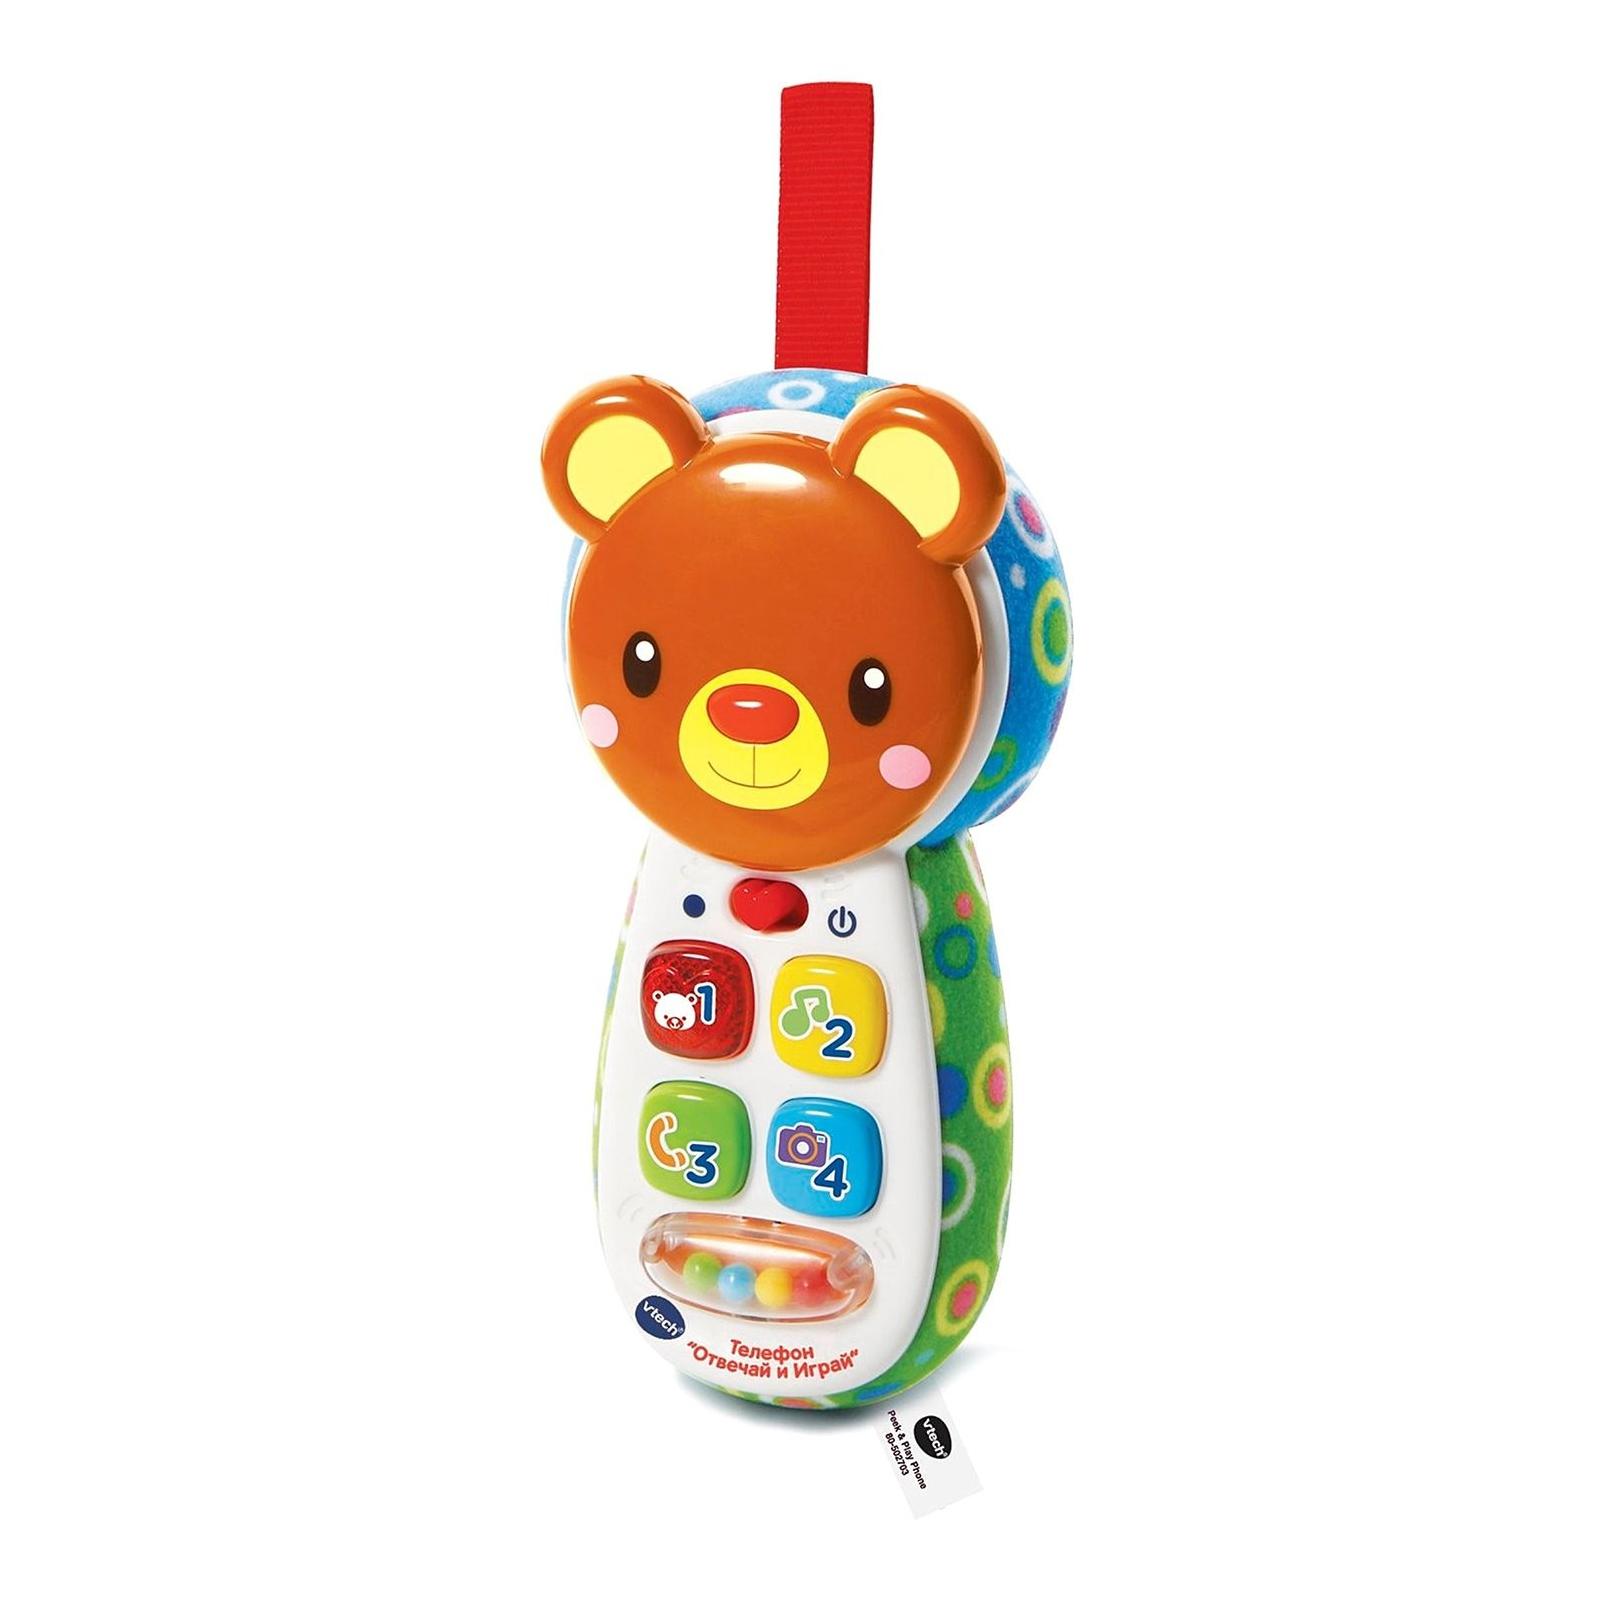 Развивающая игрушка VTech телефон Отвечай и играй со звуковыми эффектами (80-502726)